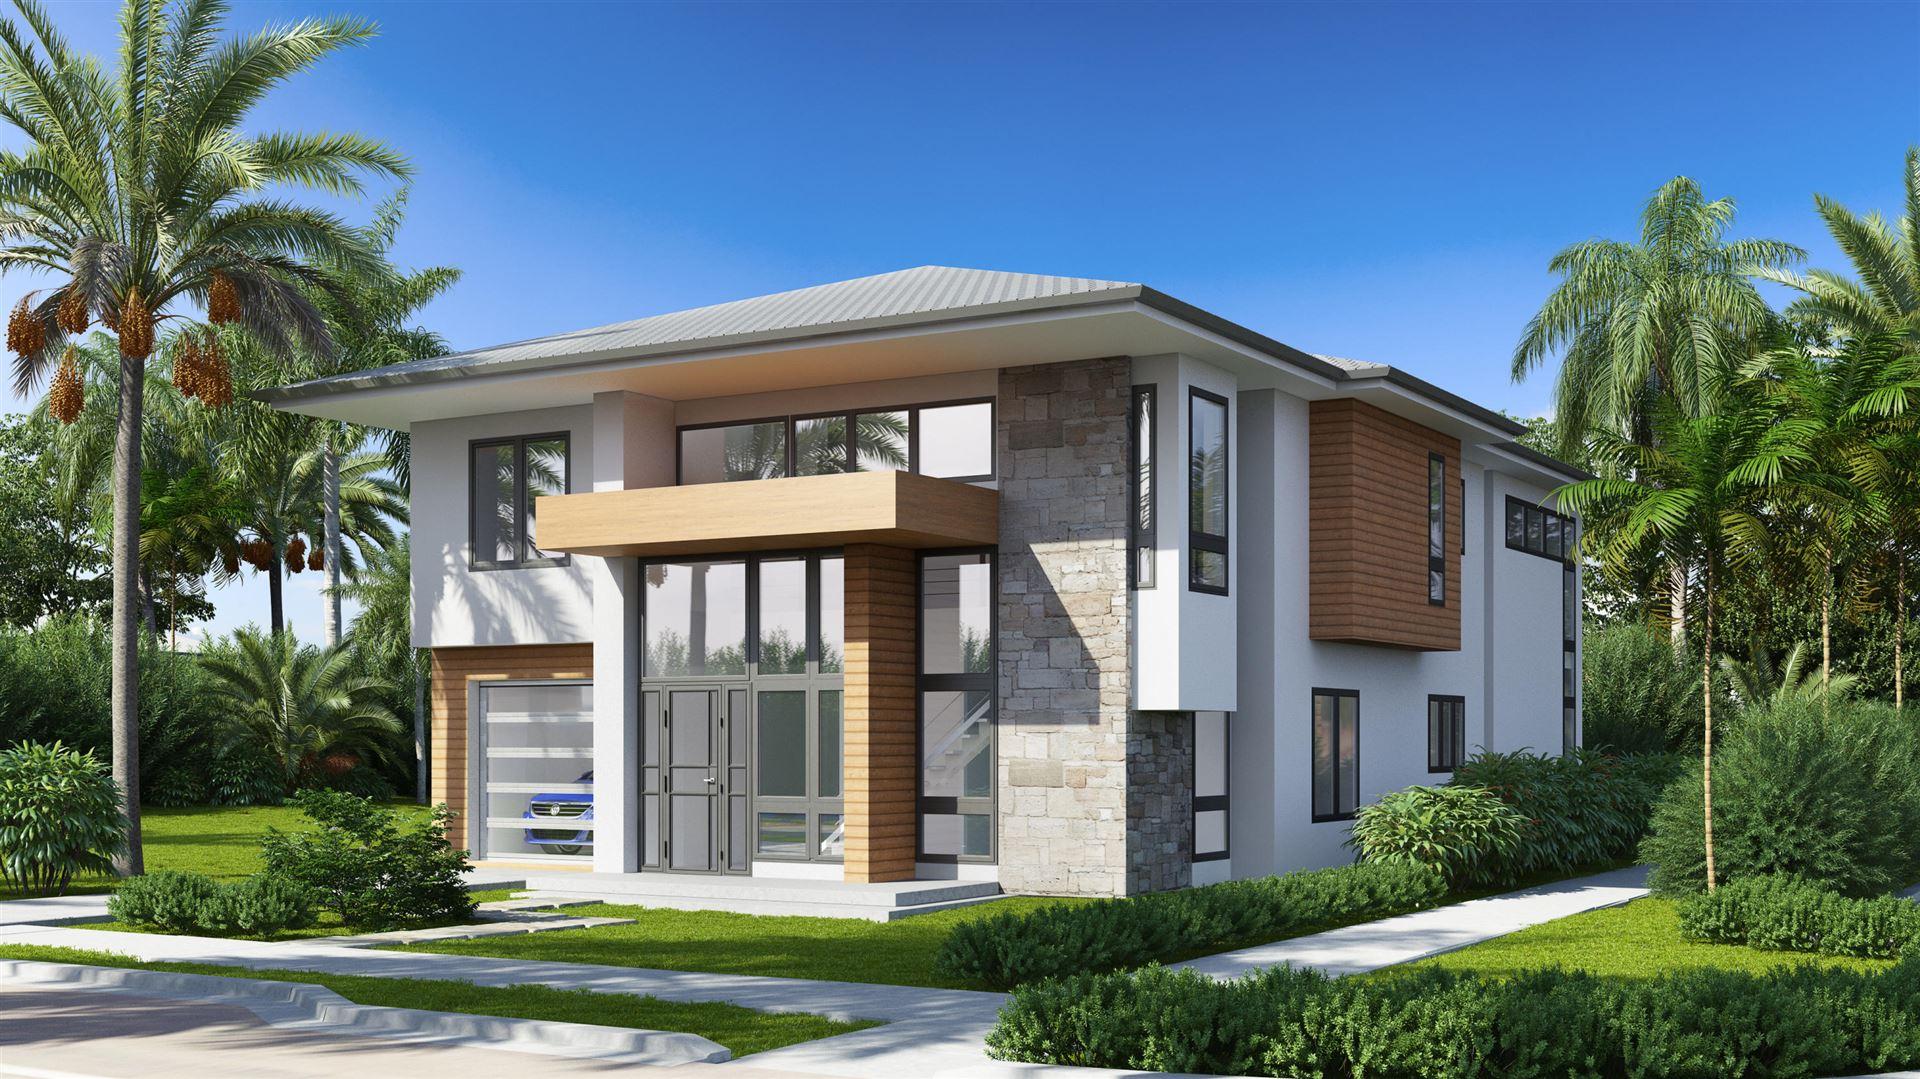 630 Westwood Road, West Palm Beach, FL 33401 - MLS#: RX-10560159